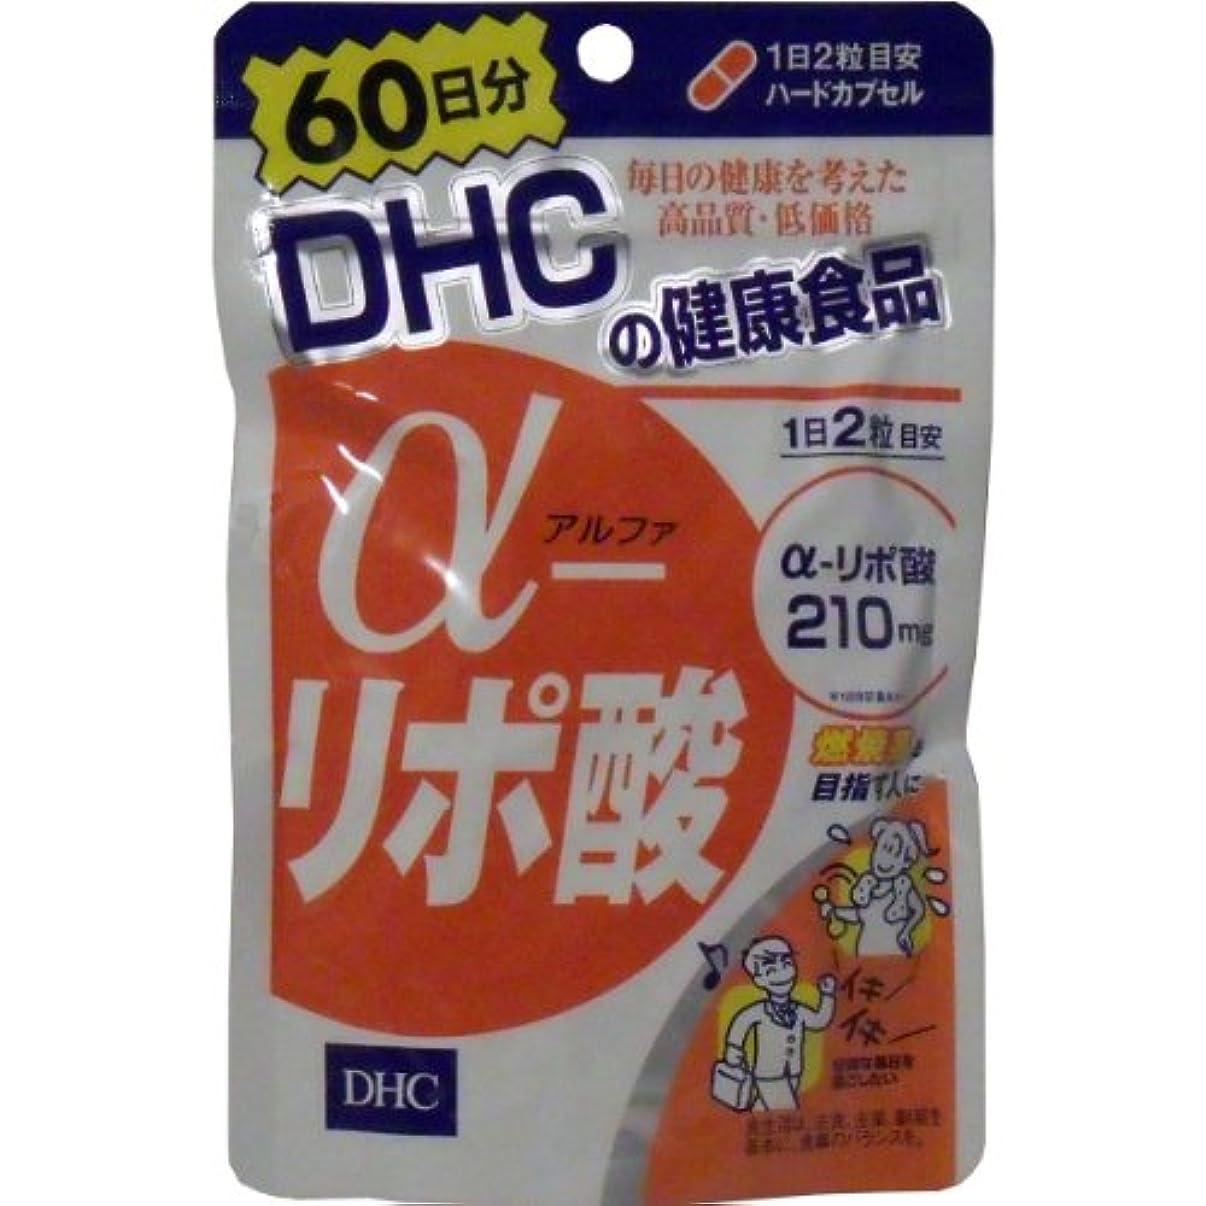 着る交通渋滞破滅DHC α-リポ酸 α-リポ酸は、もともと体内にあるエネルギー活性成分 120粒 60日分 【2個セット】